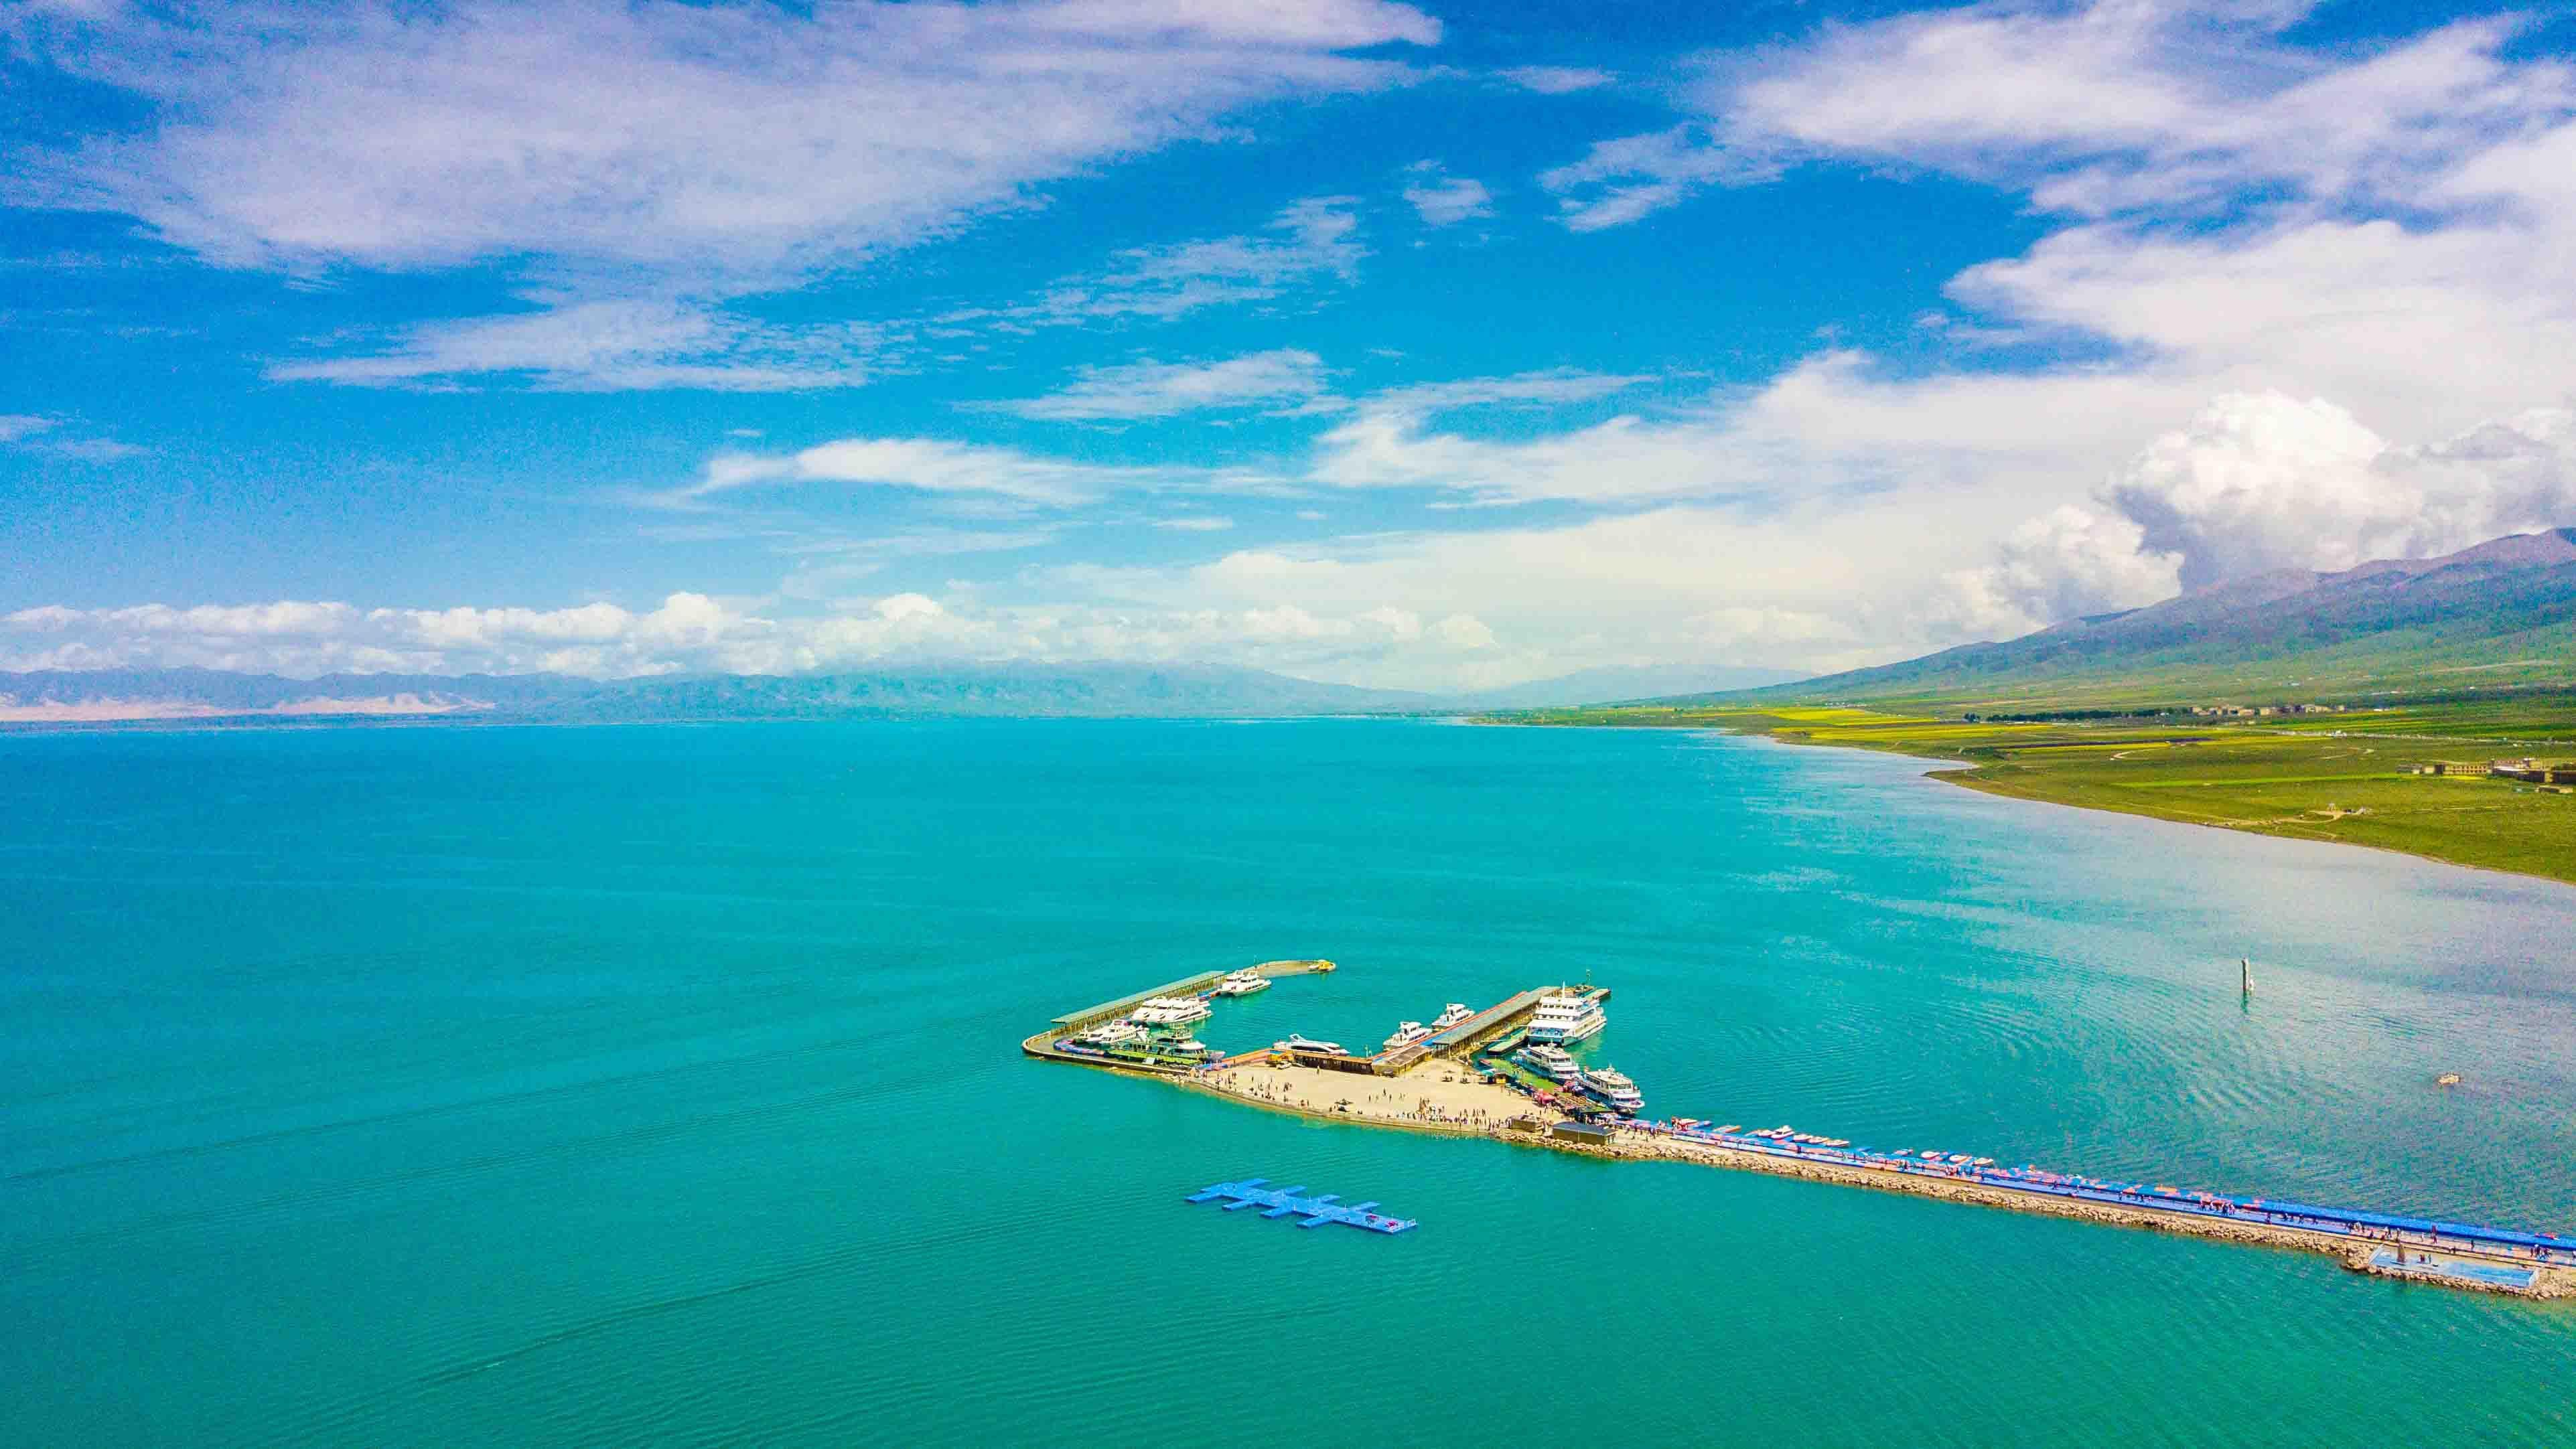 最美|实拍中国最美的湖泊之一,一生必须要去的地方,感受它独特的美丽